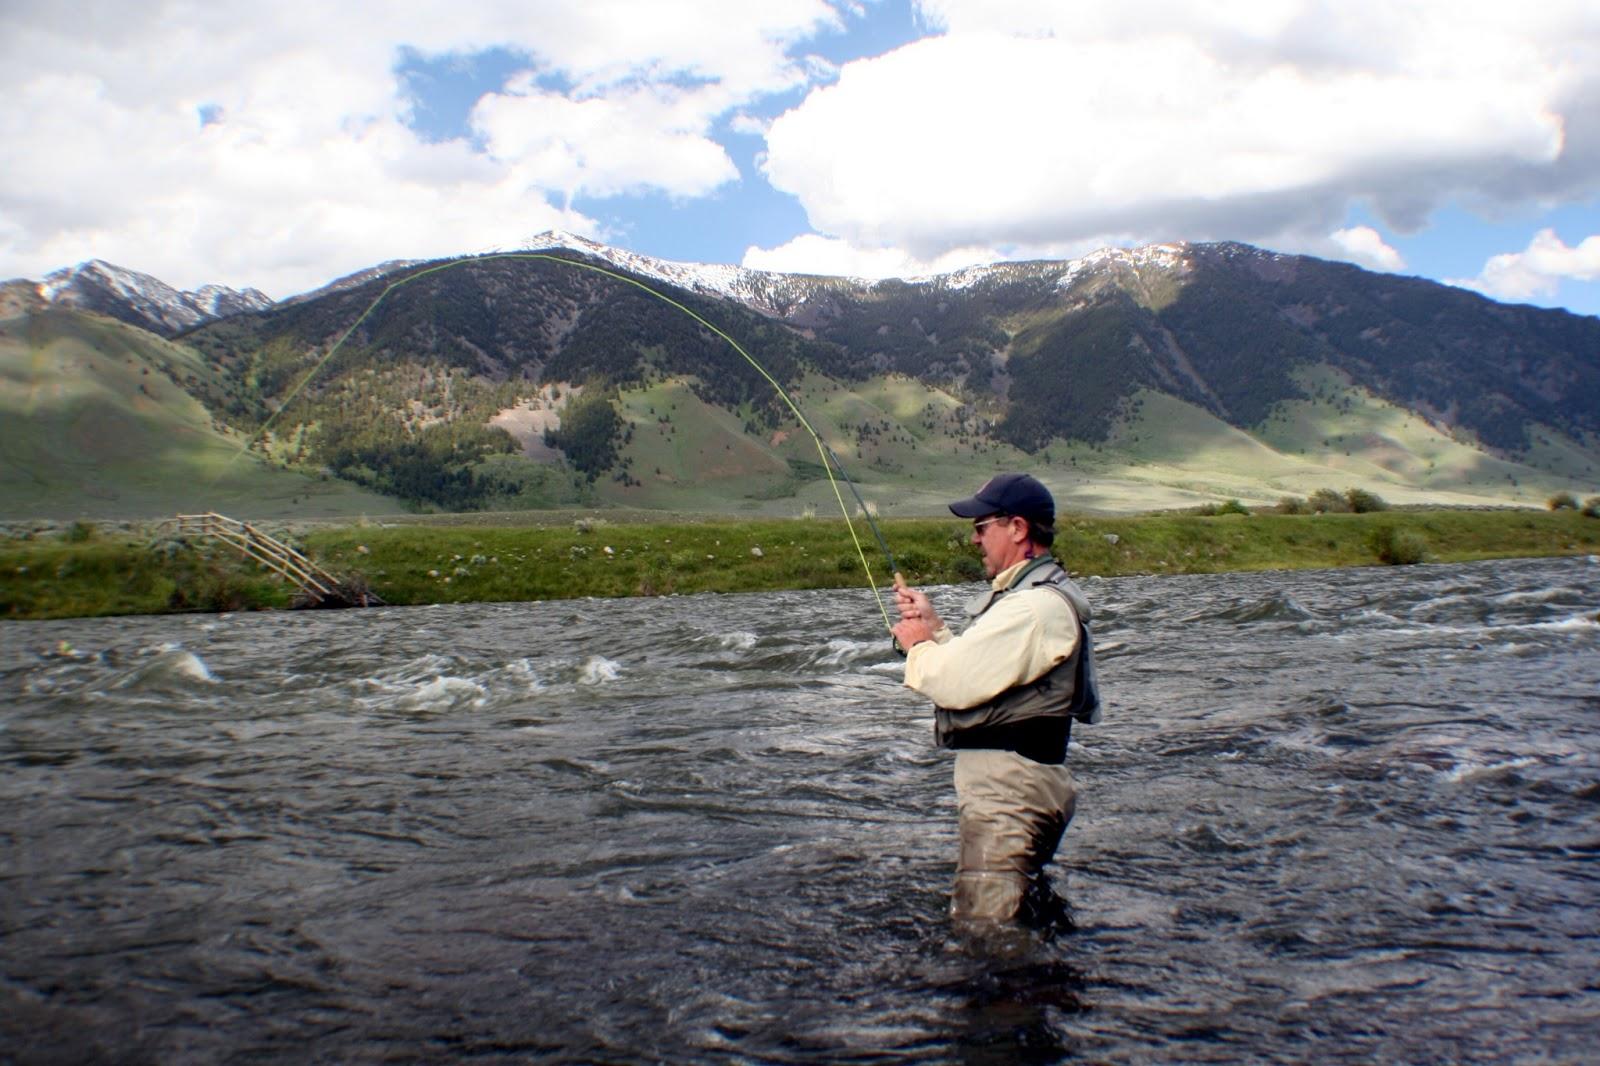 Ribolov na fotkama - Page 4 River_fishing_tips